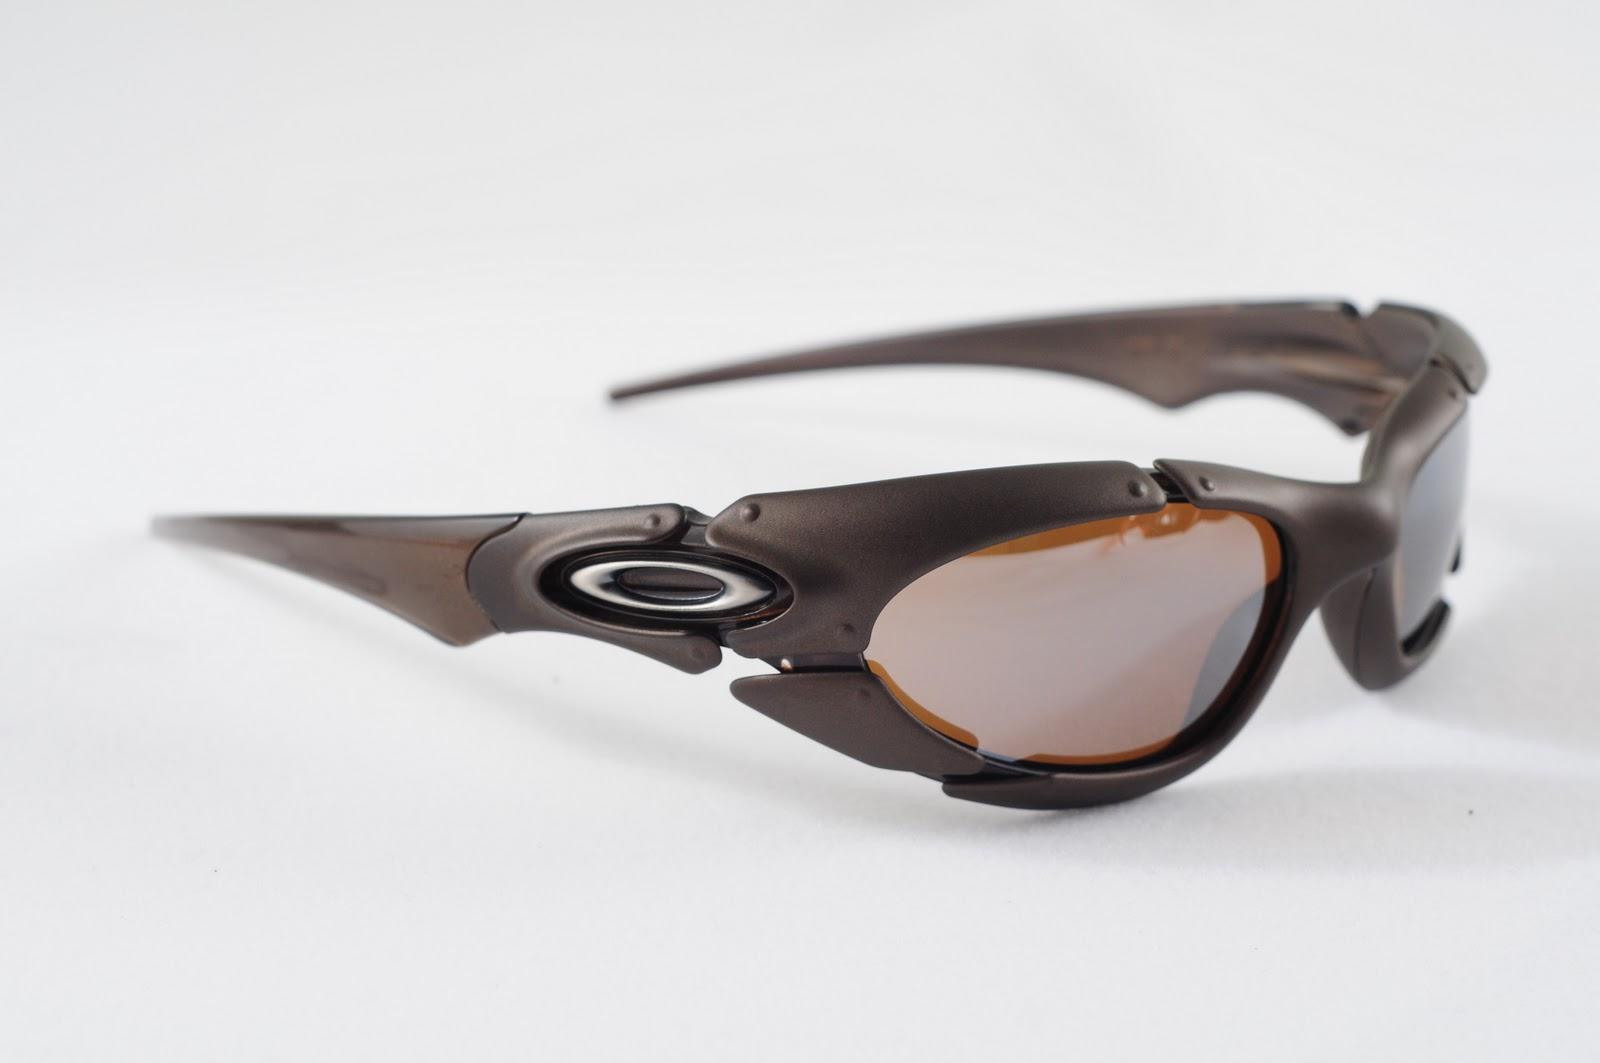 b389eb8317 Oakley Plate Sunglasses Bronze « Heritage Malta